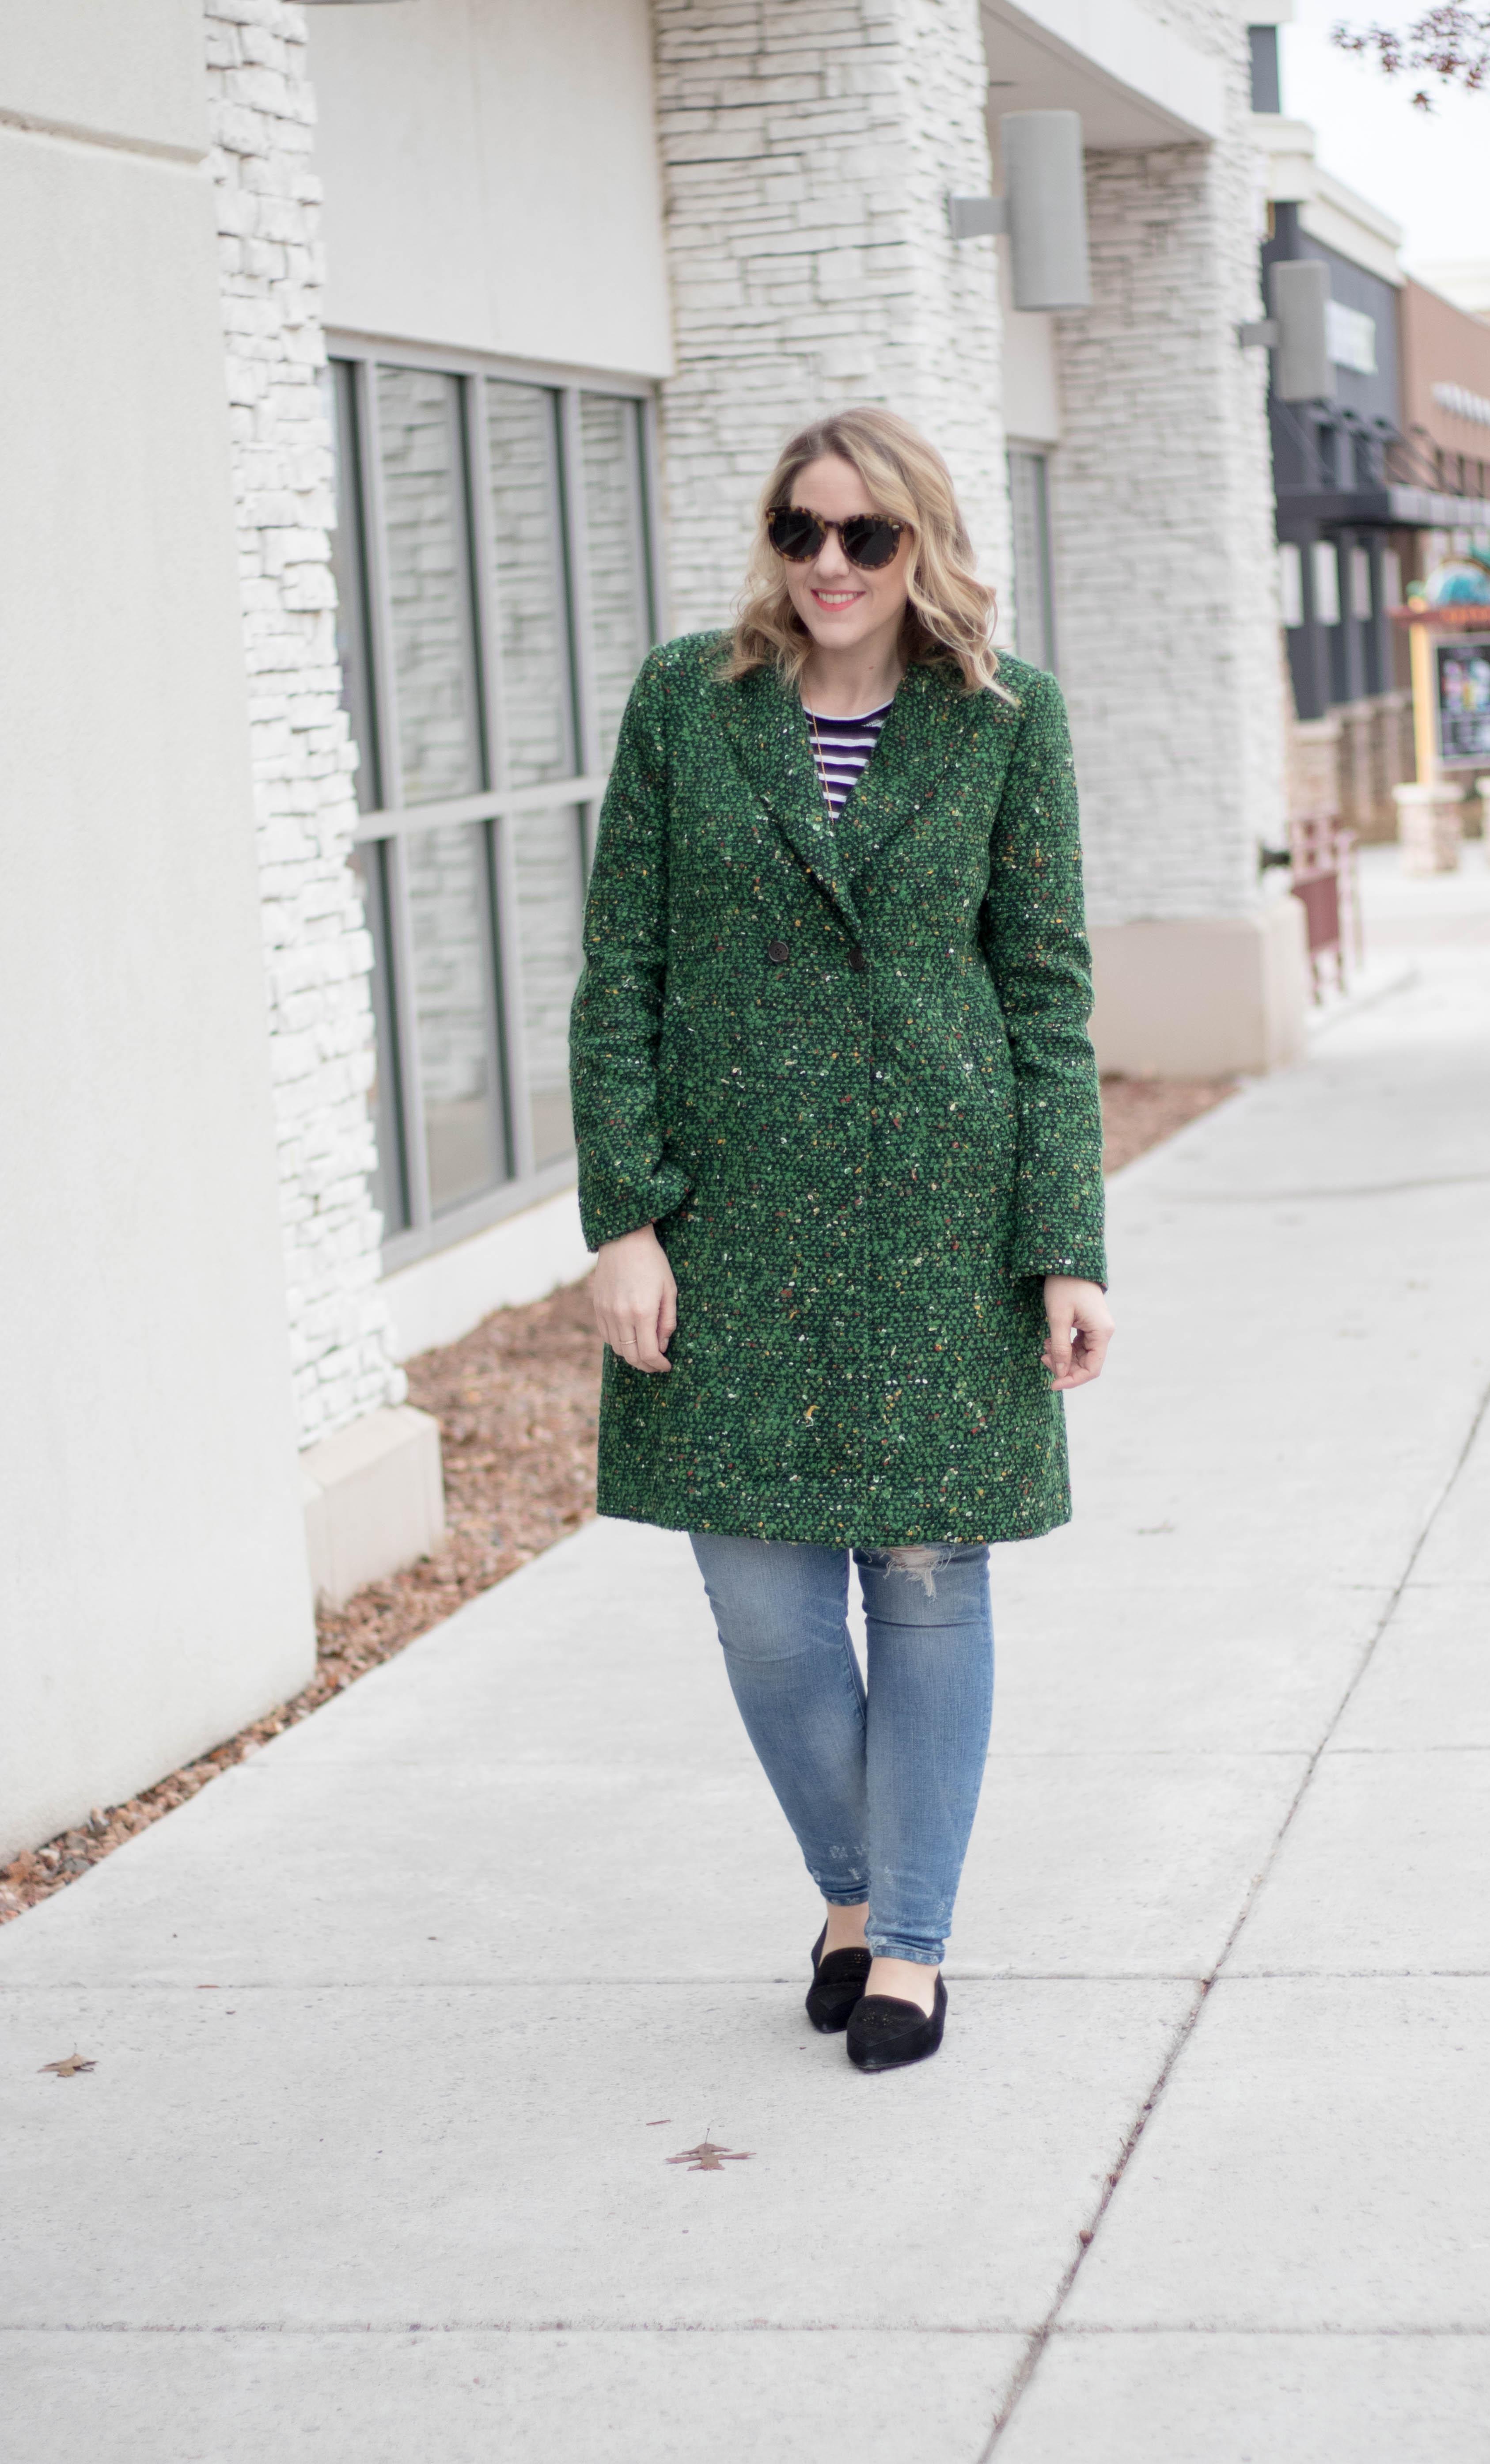 winter fashion trends tweed coat #wintertrends #winterfashion #jcrew